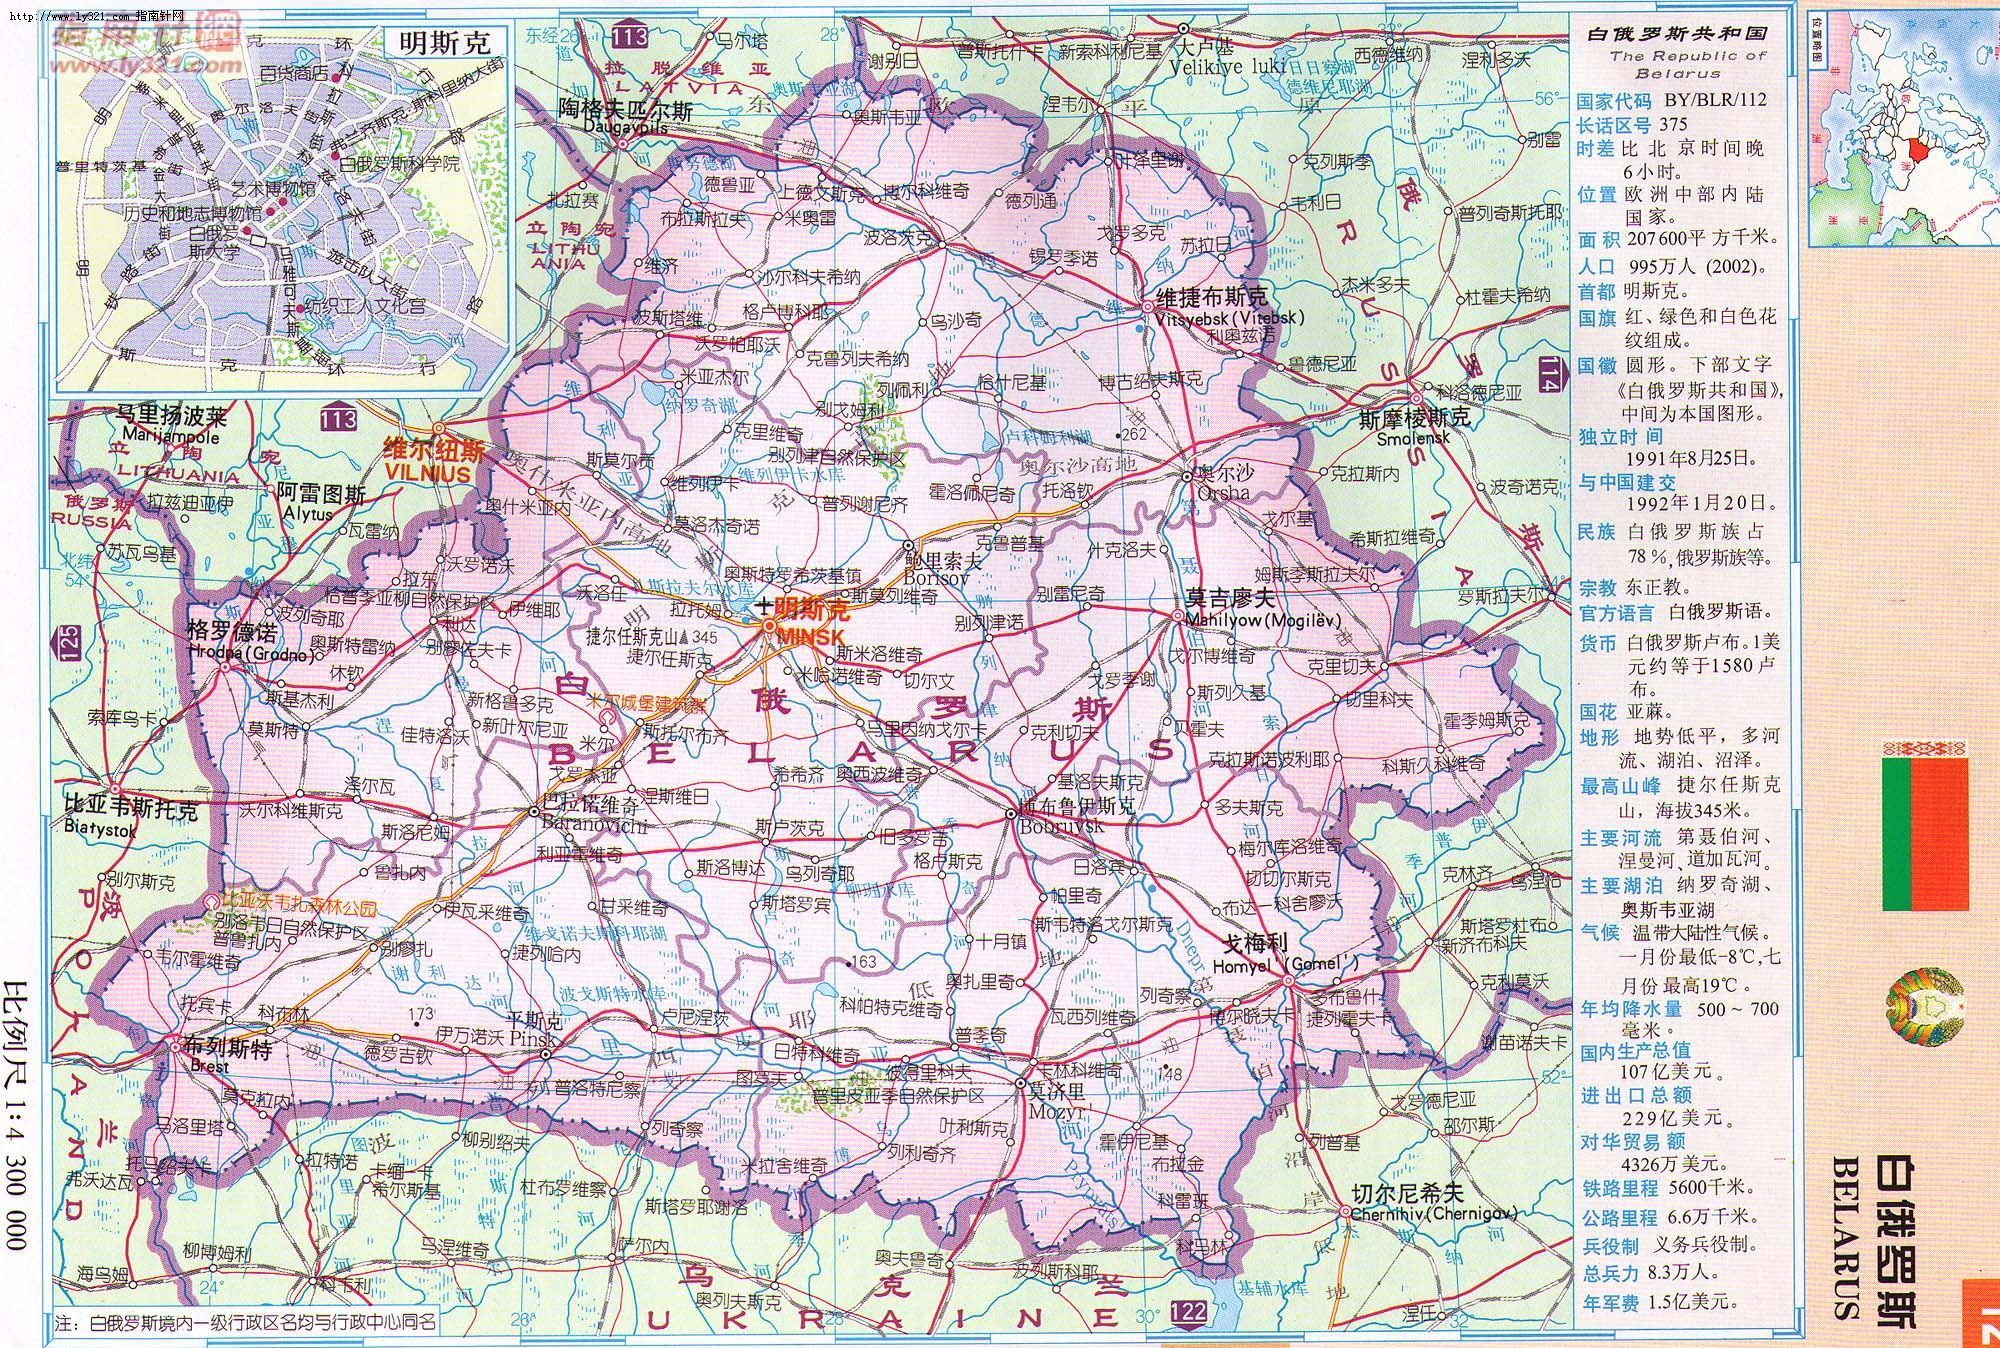 白俄罗斯地图中文版 (人气: (载入中...) 分类